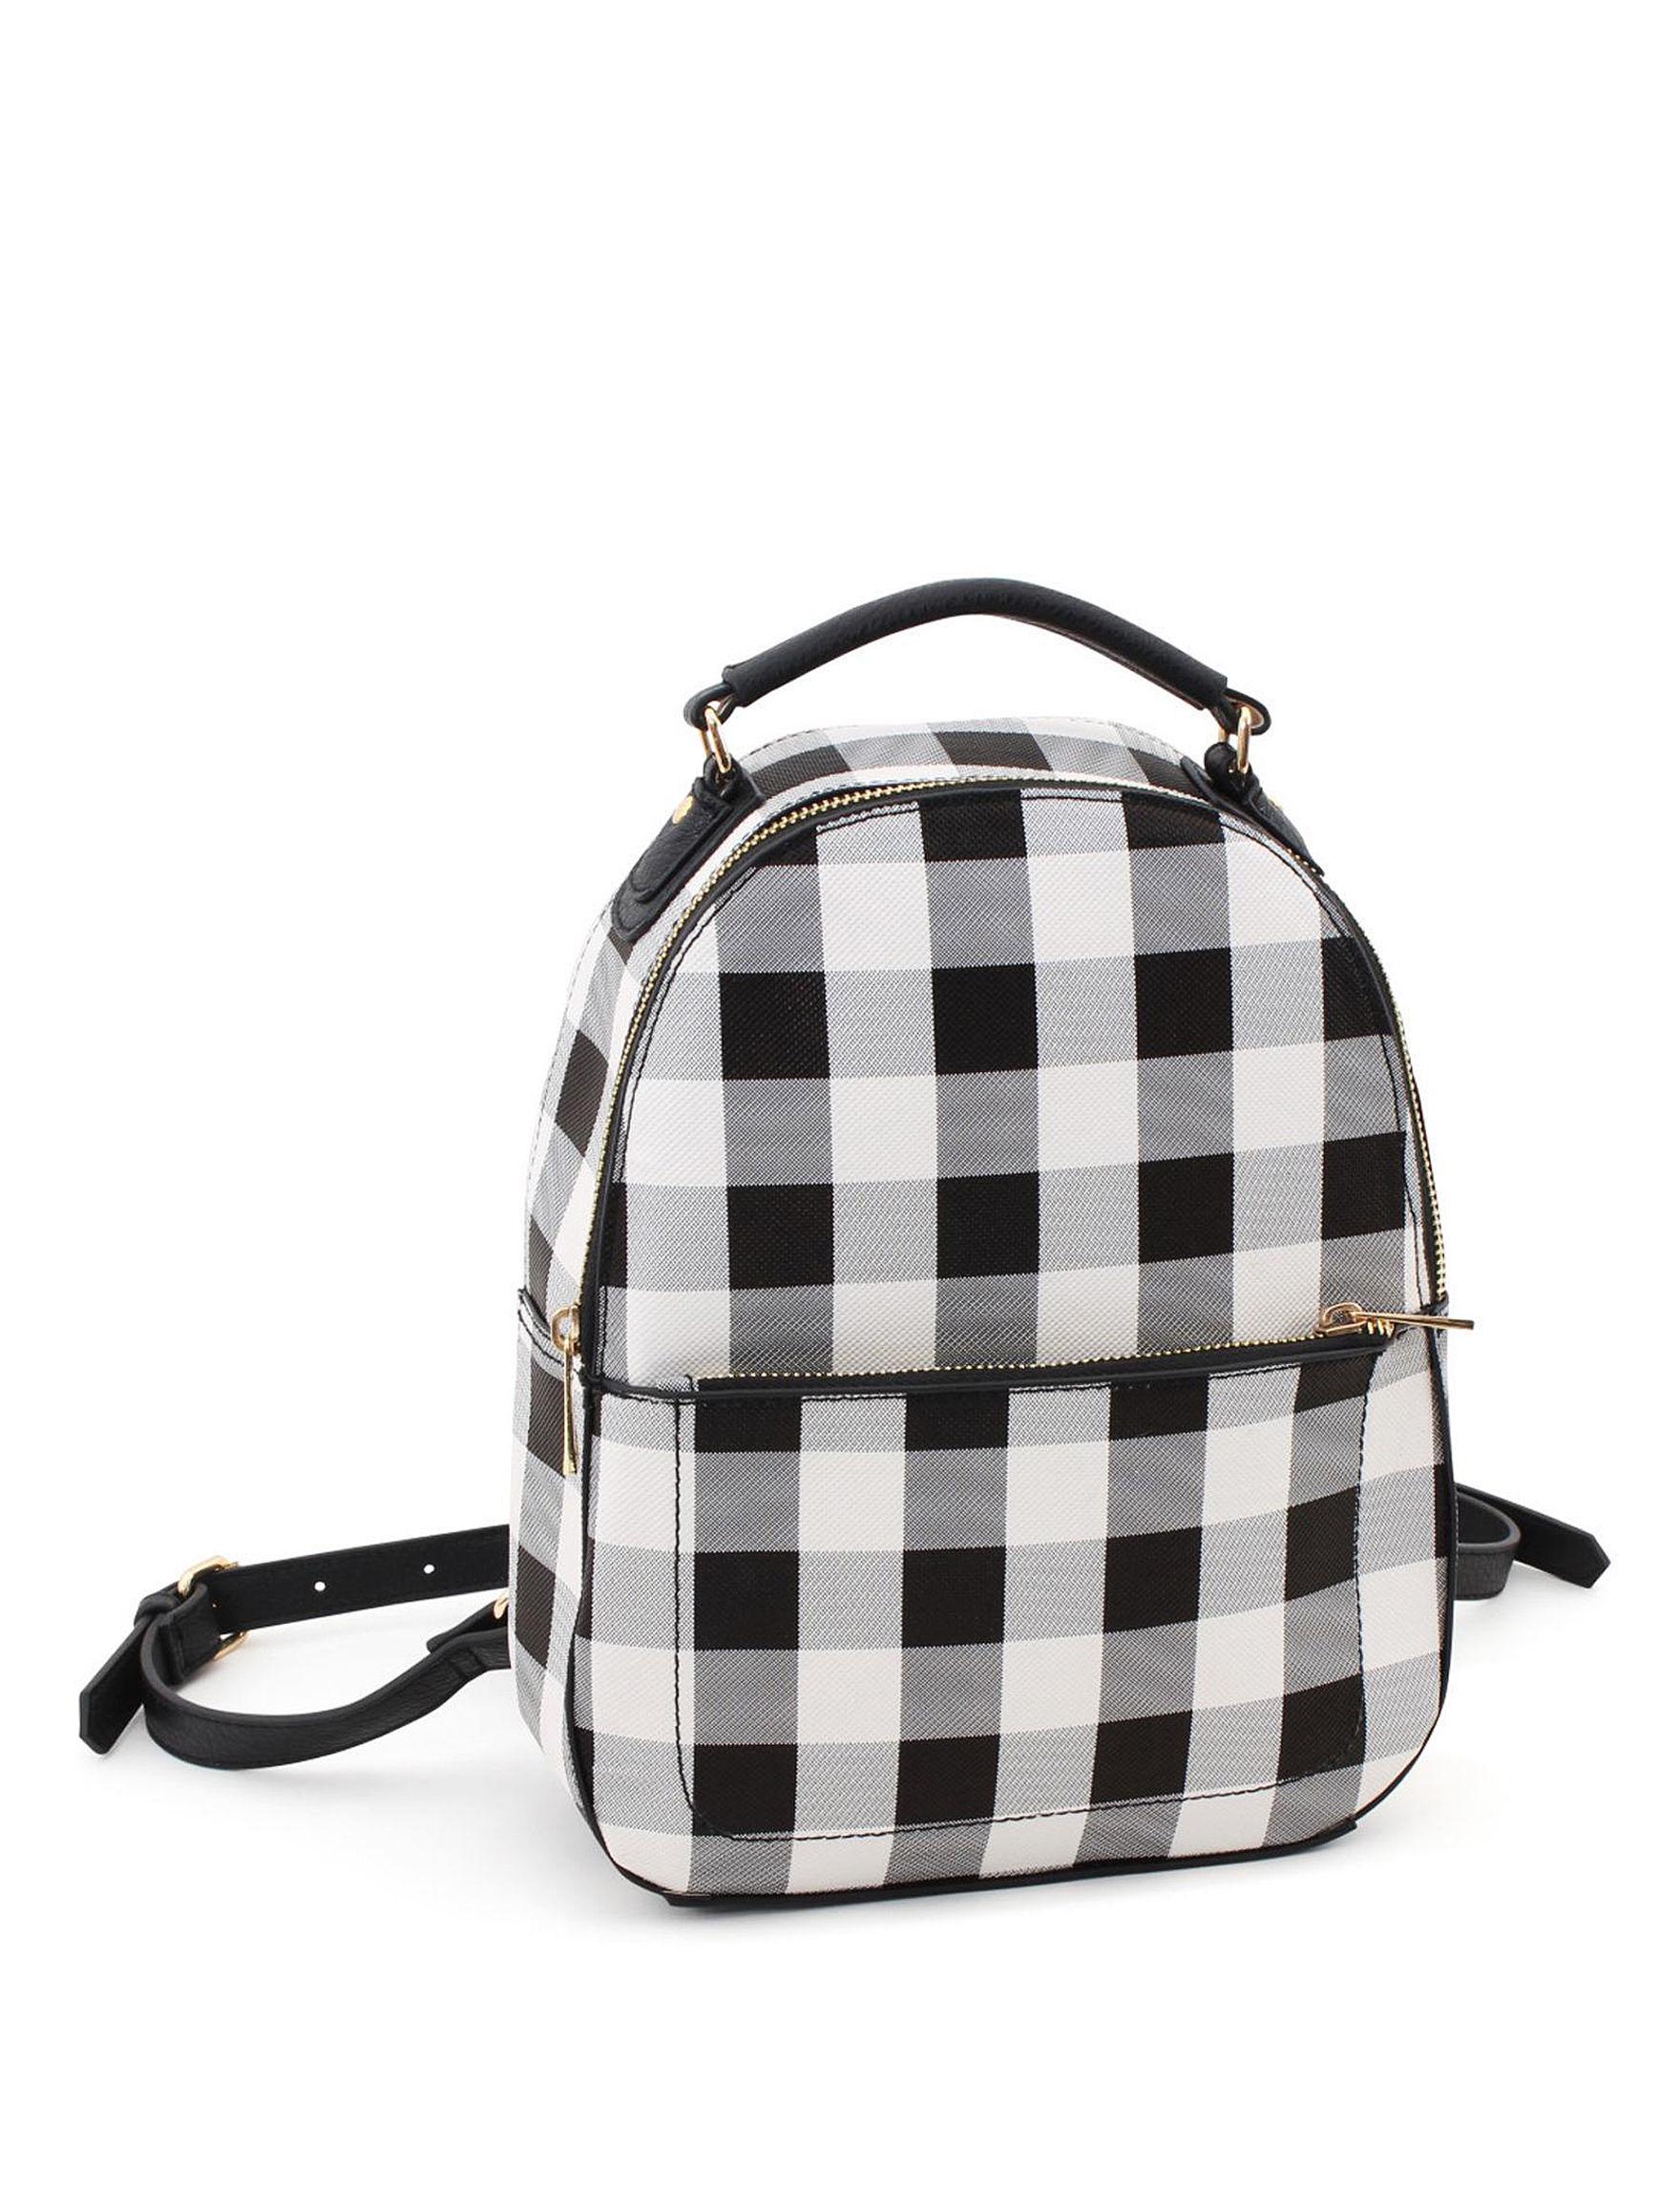 Valerie Stevens Black / White Bookbags & Backpacks